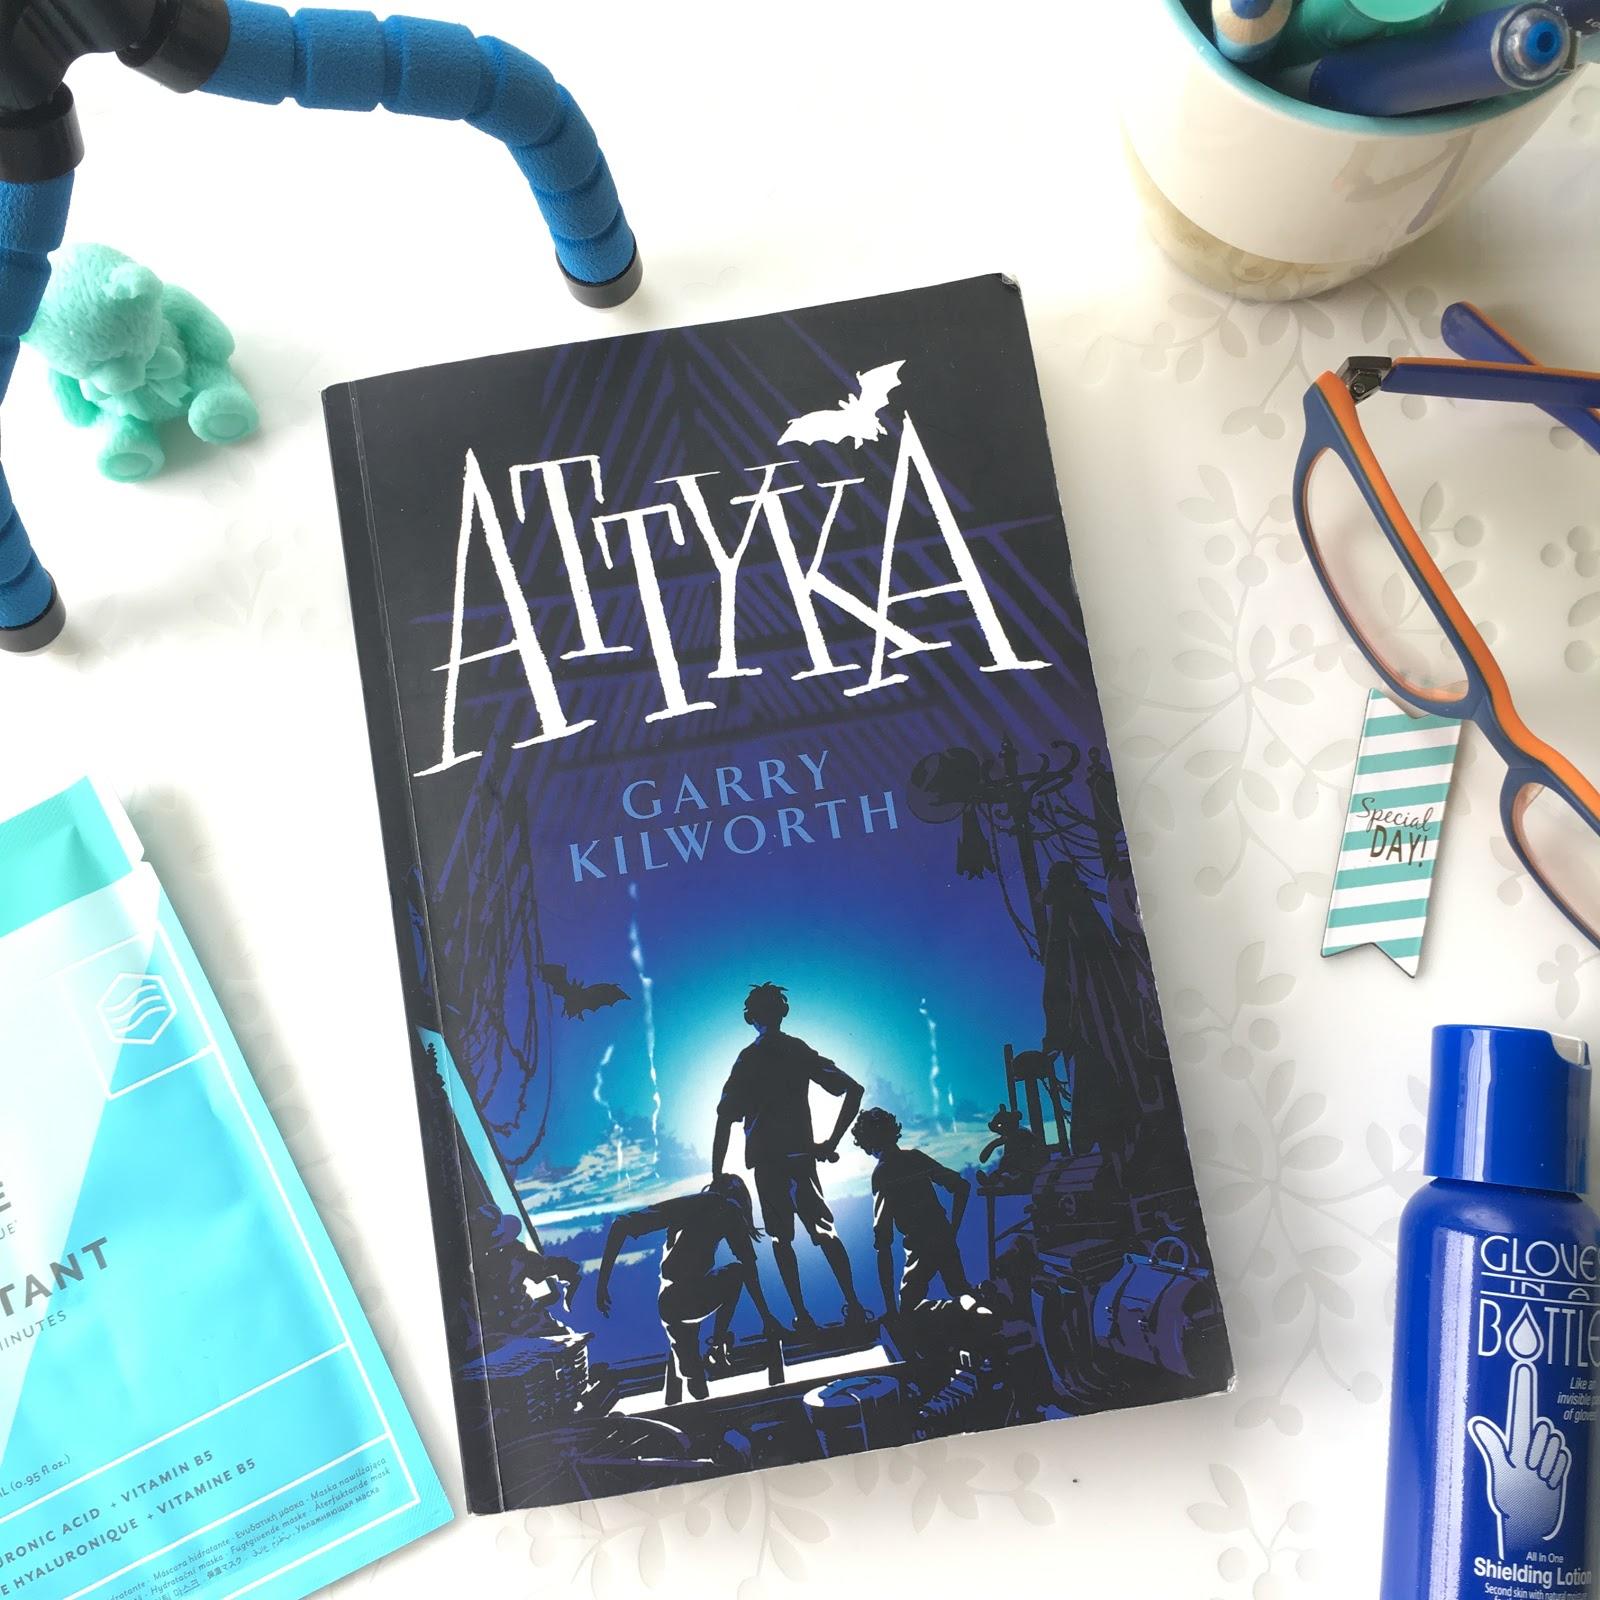 Garry Kilworth, Attyka, literatura dziecięca i moje na nią spojrzenie, po ponad 20 latach nieobecności na jakimkolwiek strychu.